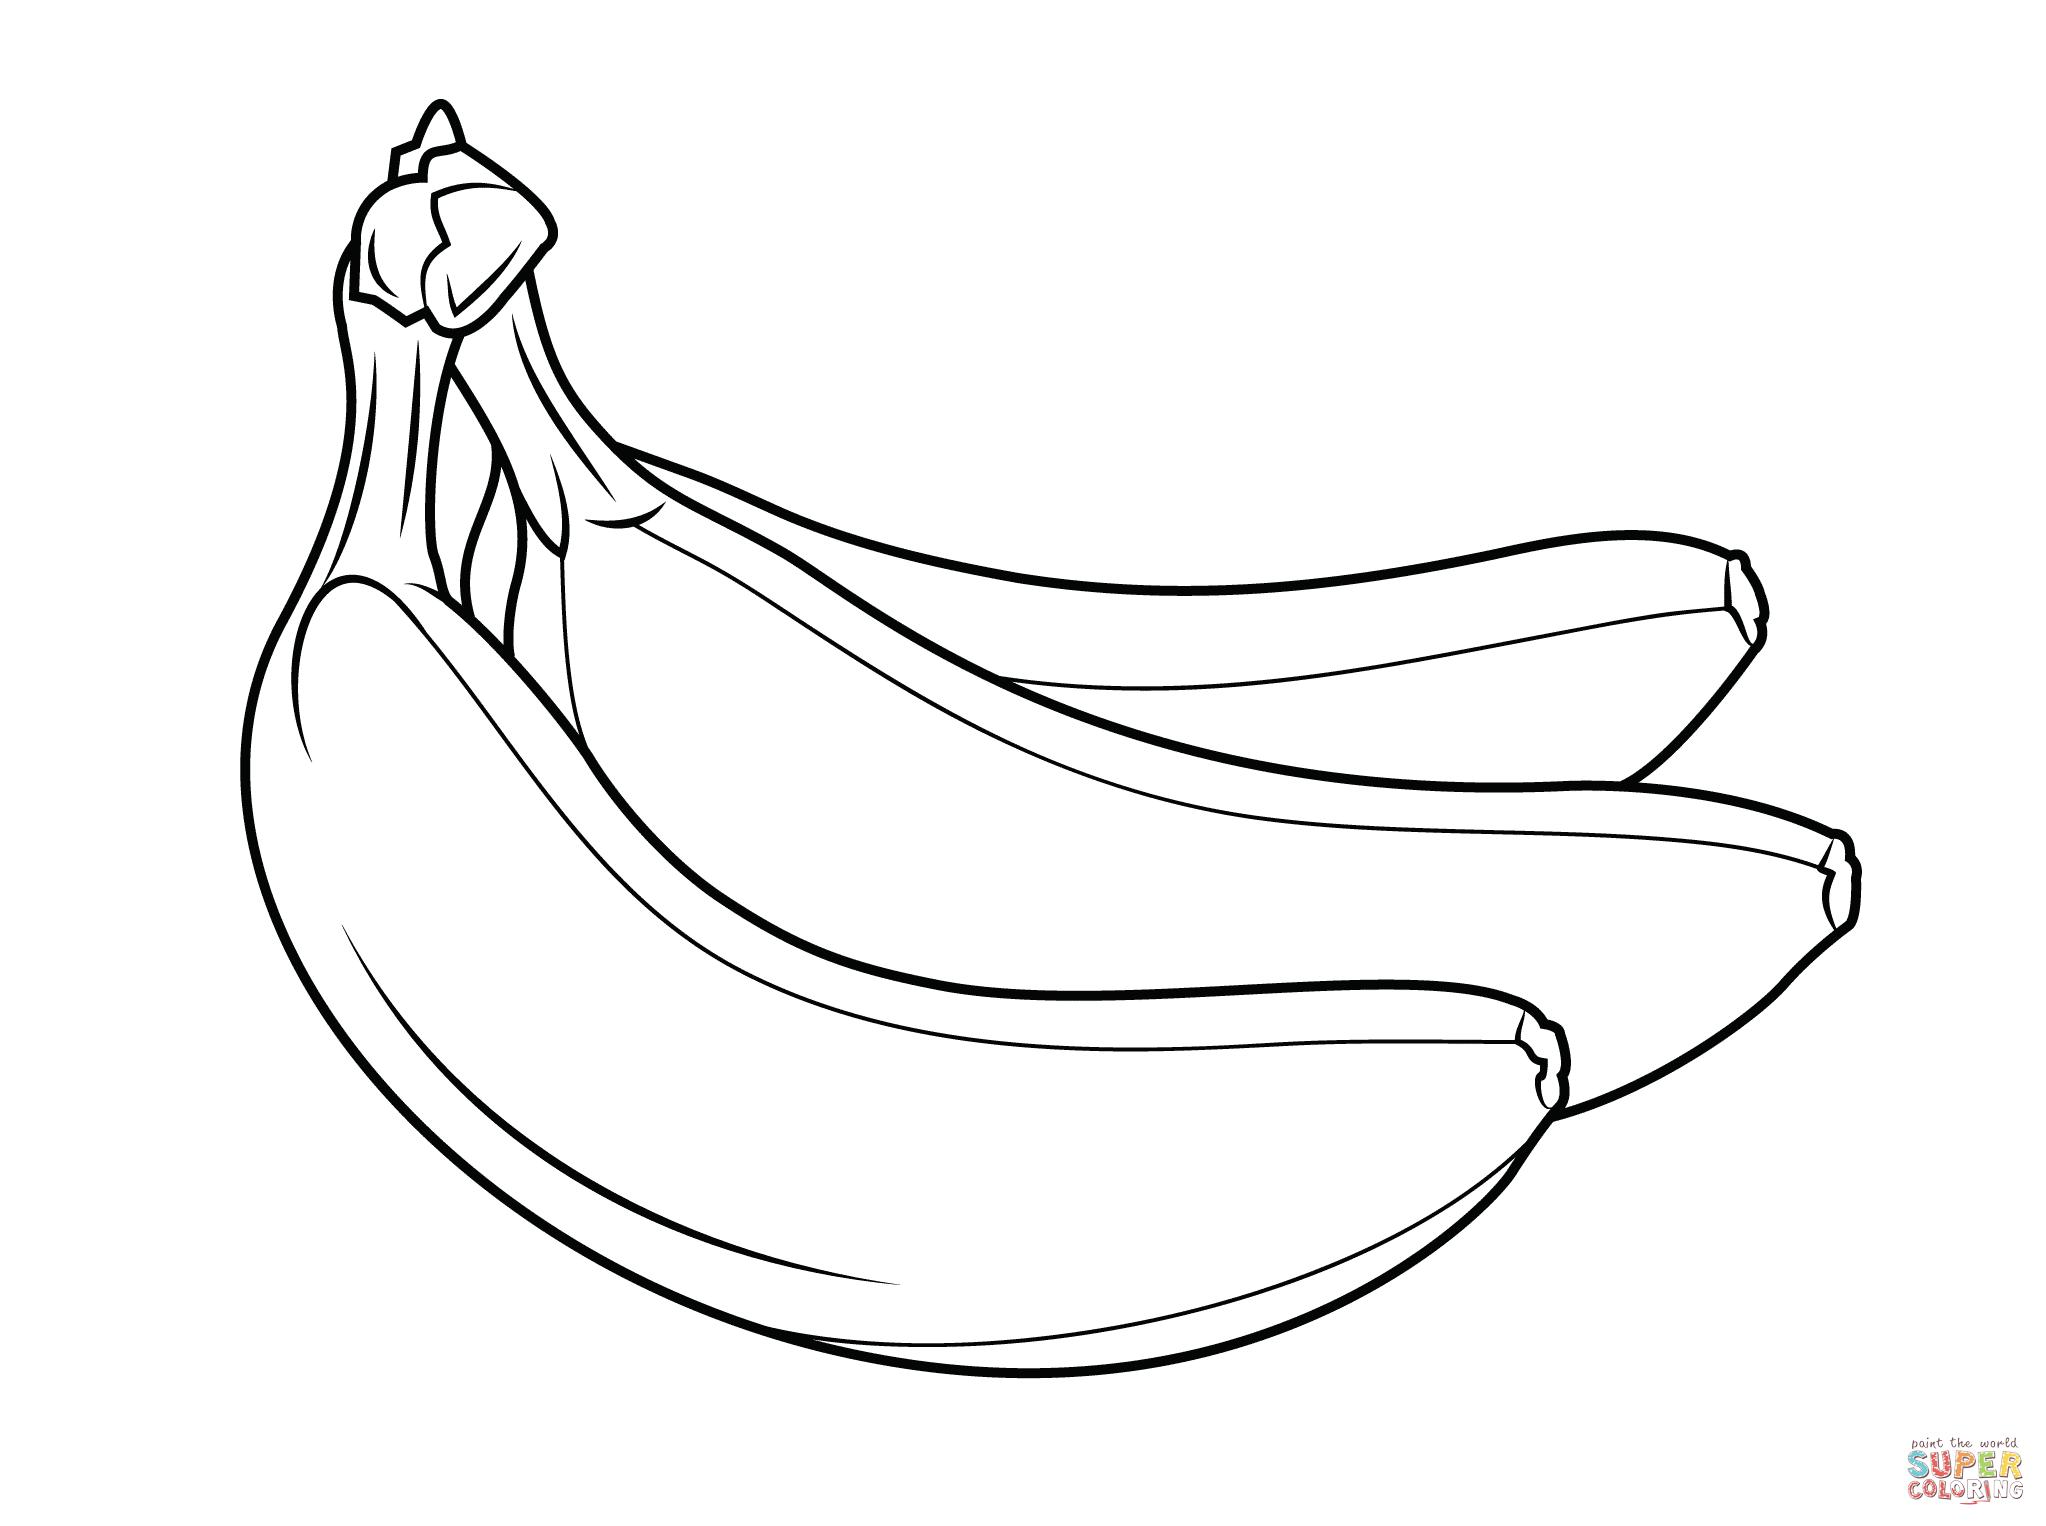 Bananas Coloring Pages Free And Banana Page